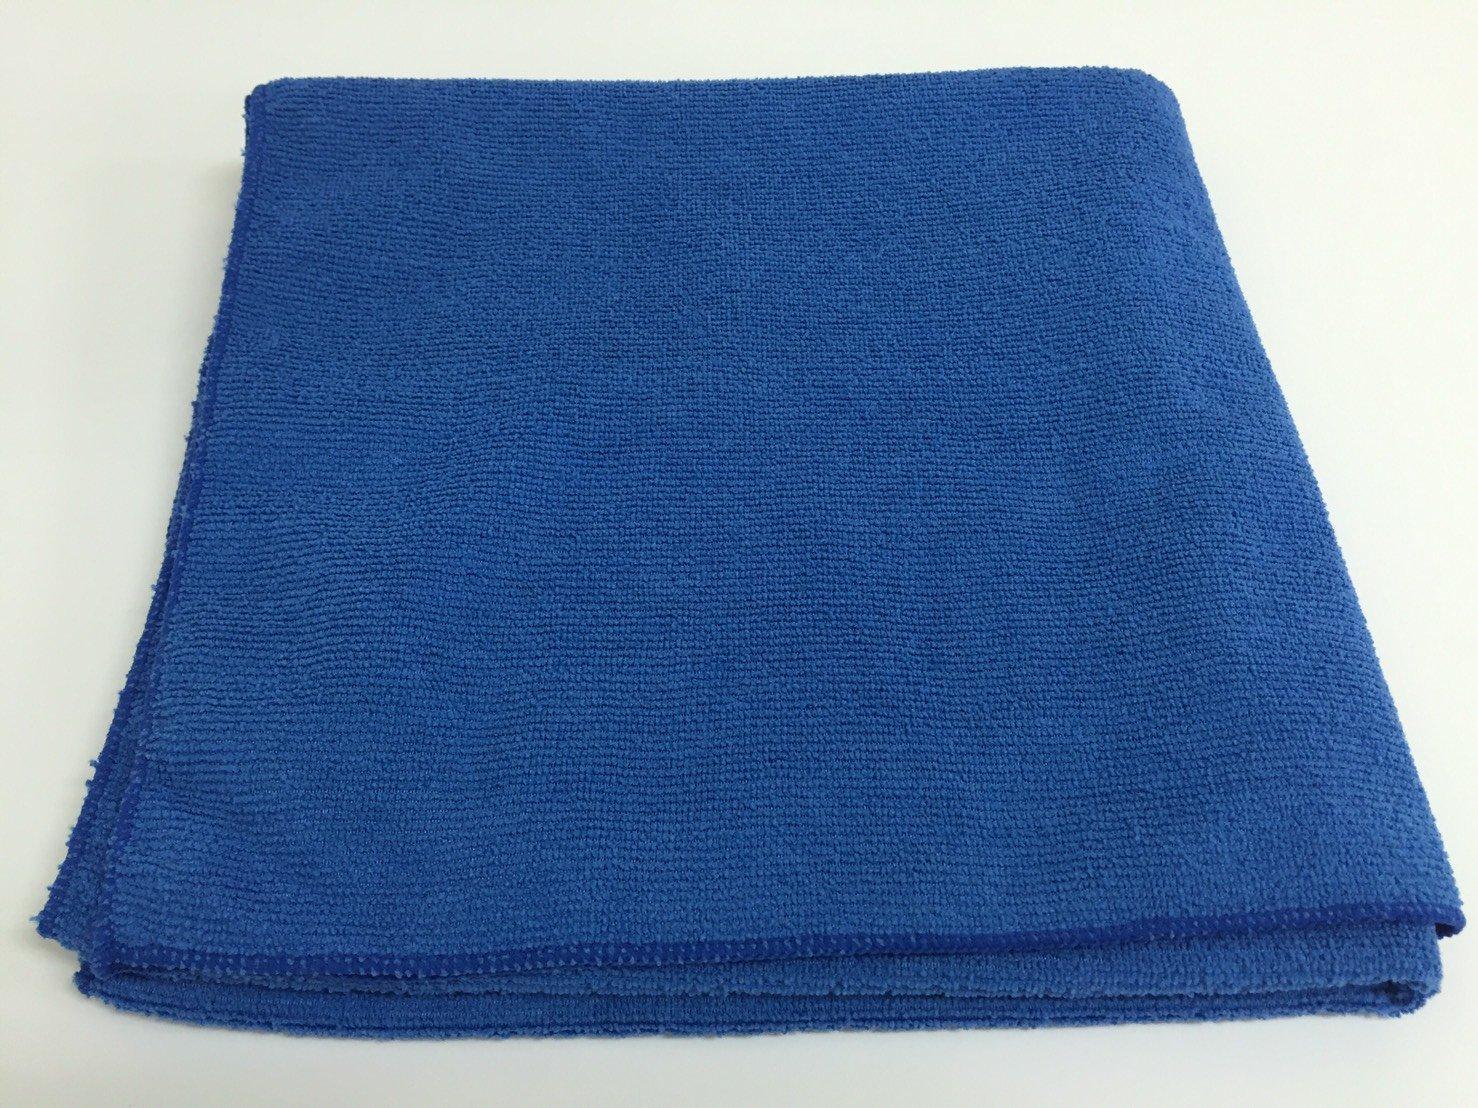 【快樂 館】汽車清潔好幫手,超吸水布、超細纖維抹布、擦拭布、洗車布、擦車巾60*100cm